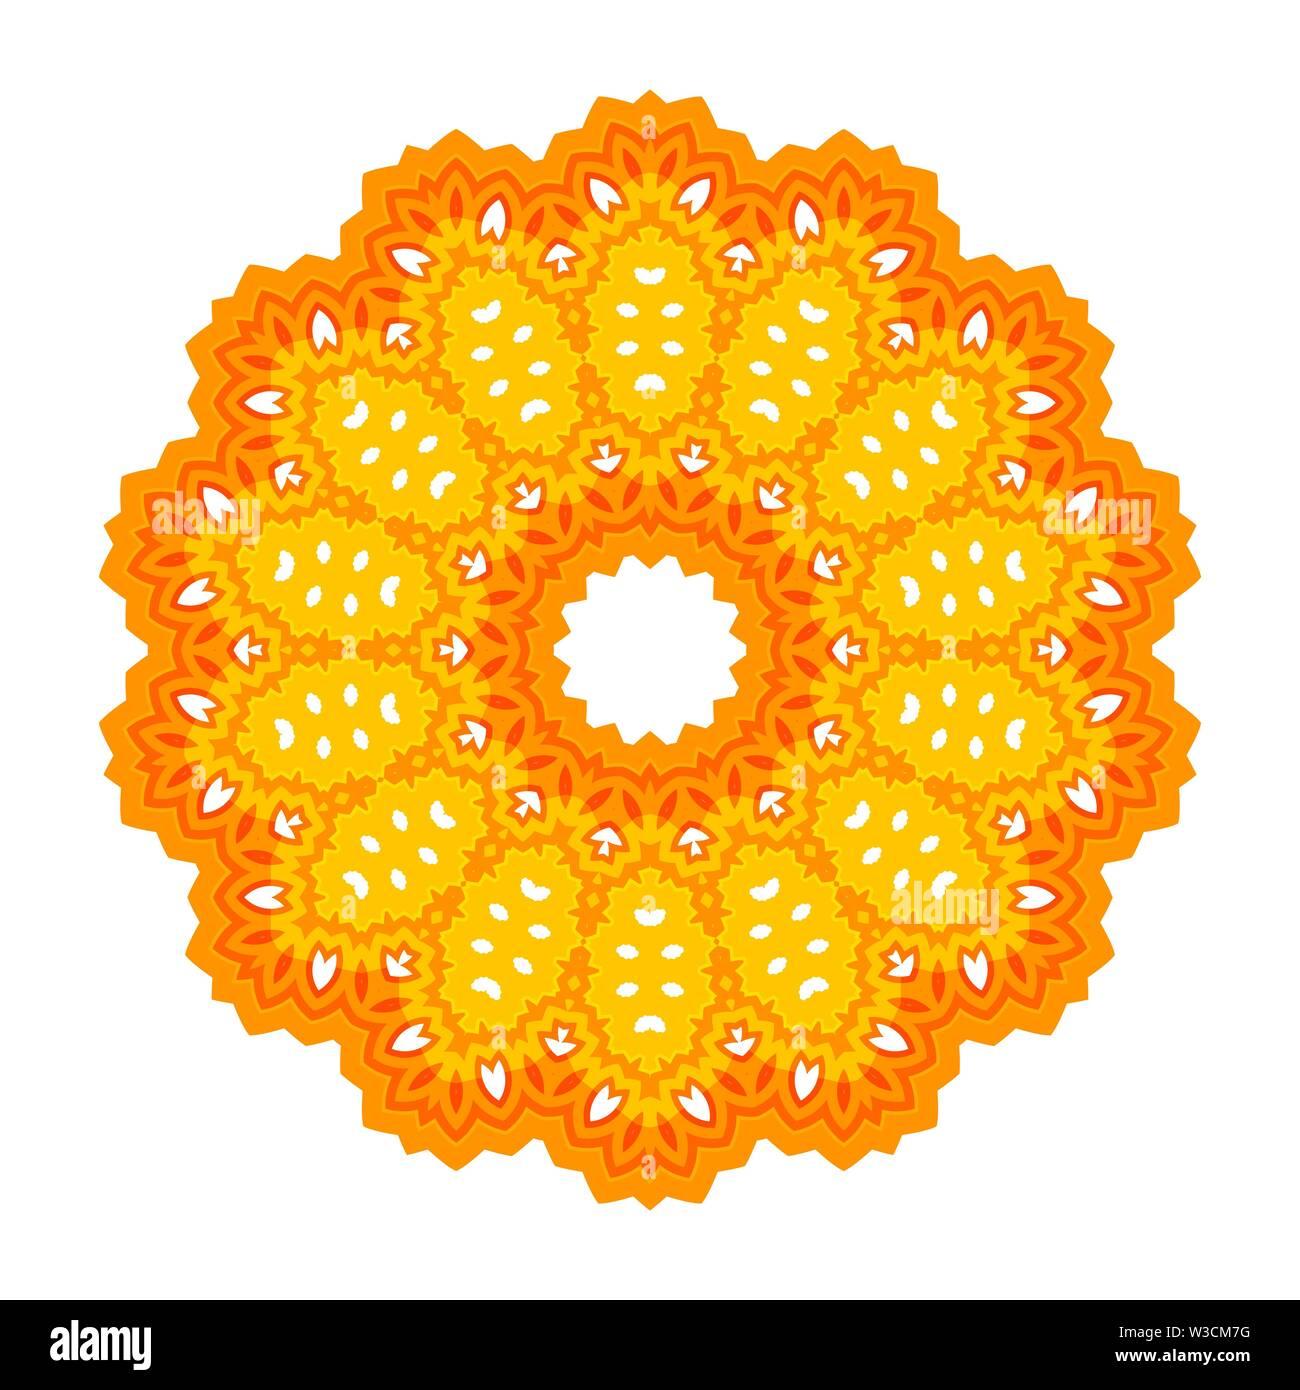 Gelb Zier Linienmuster runde Textur. Orientalische geometrische Verzierung. Stockbild